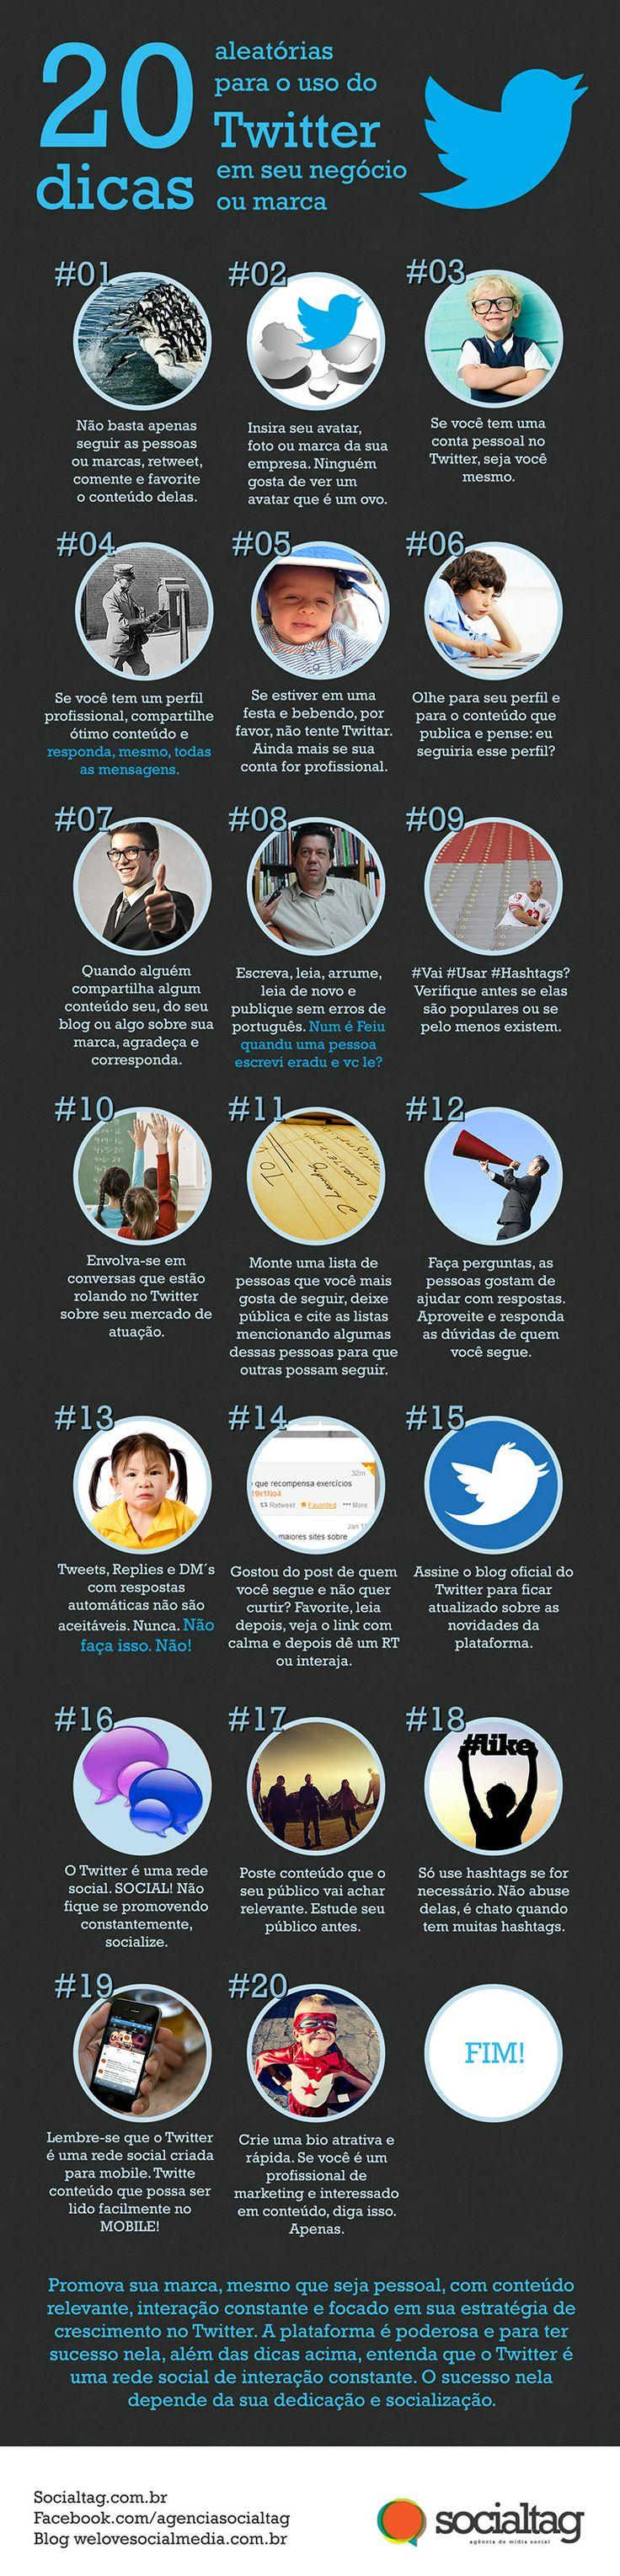 Infográfico traz 20 dicas para sua empresa usar o Twitter de forma eficiente.